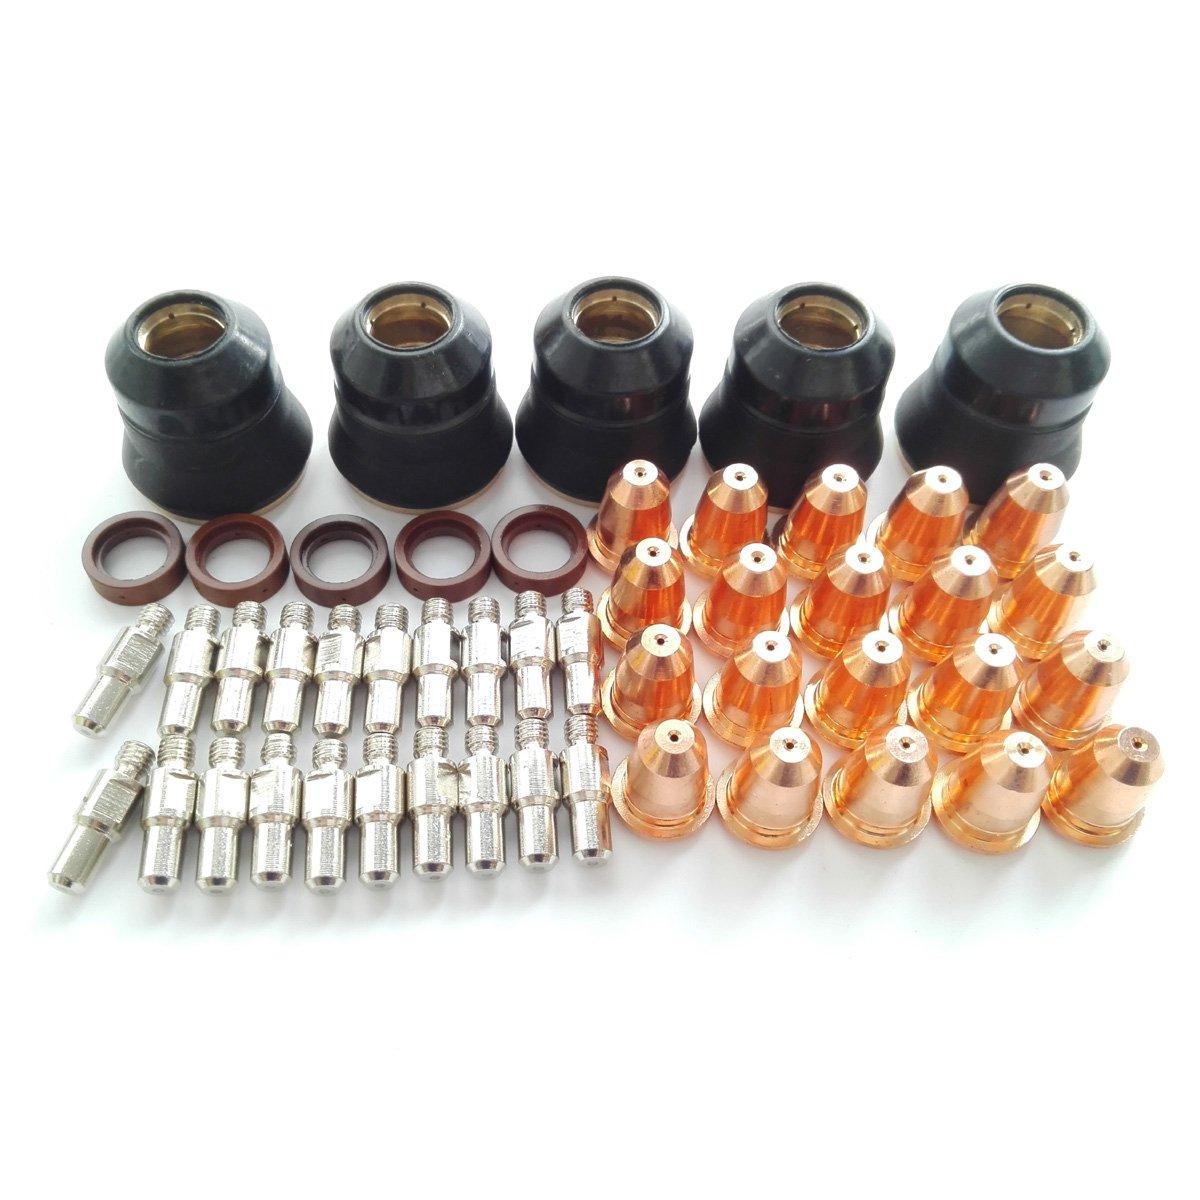 Trafimet S45 Consumables kit 50pcs All, Electrode PR0110 20pcs, Nozzle PD0116-08 20pcs, Swirl ring PE0106 5pcs, Retaining CAP PC0116 5pcs Best Welding Partner